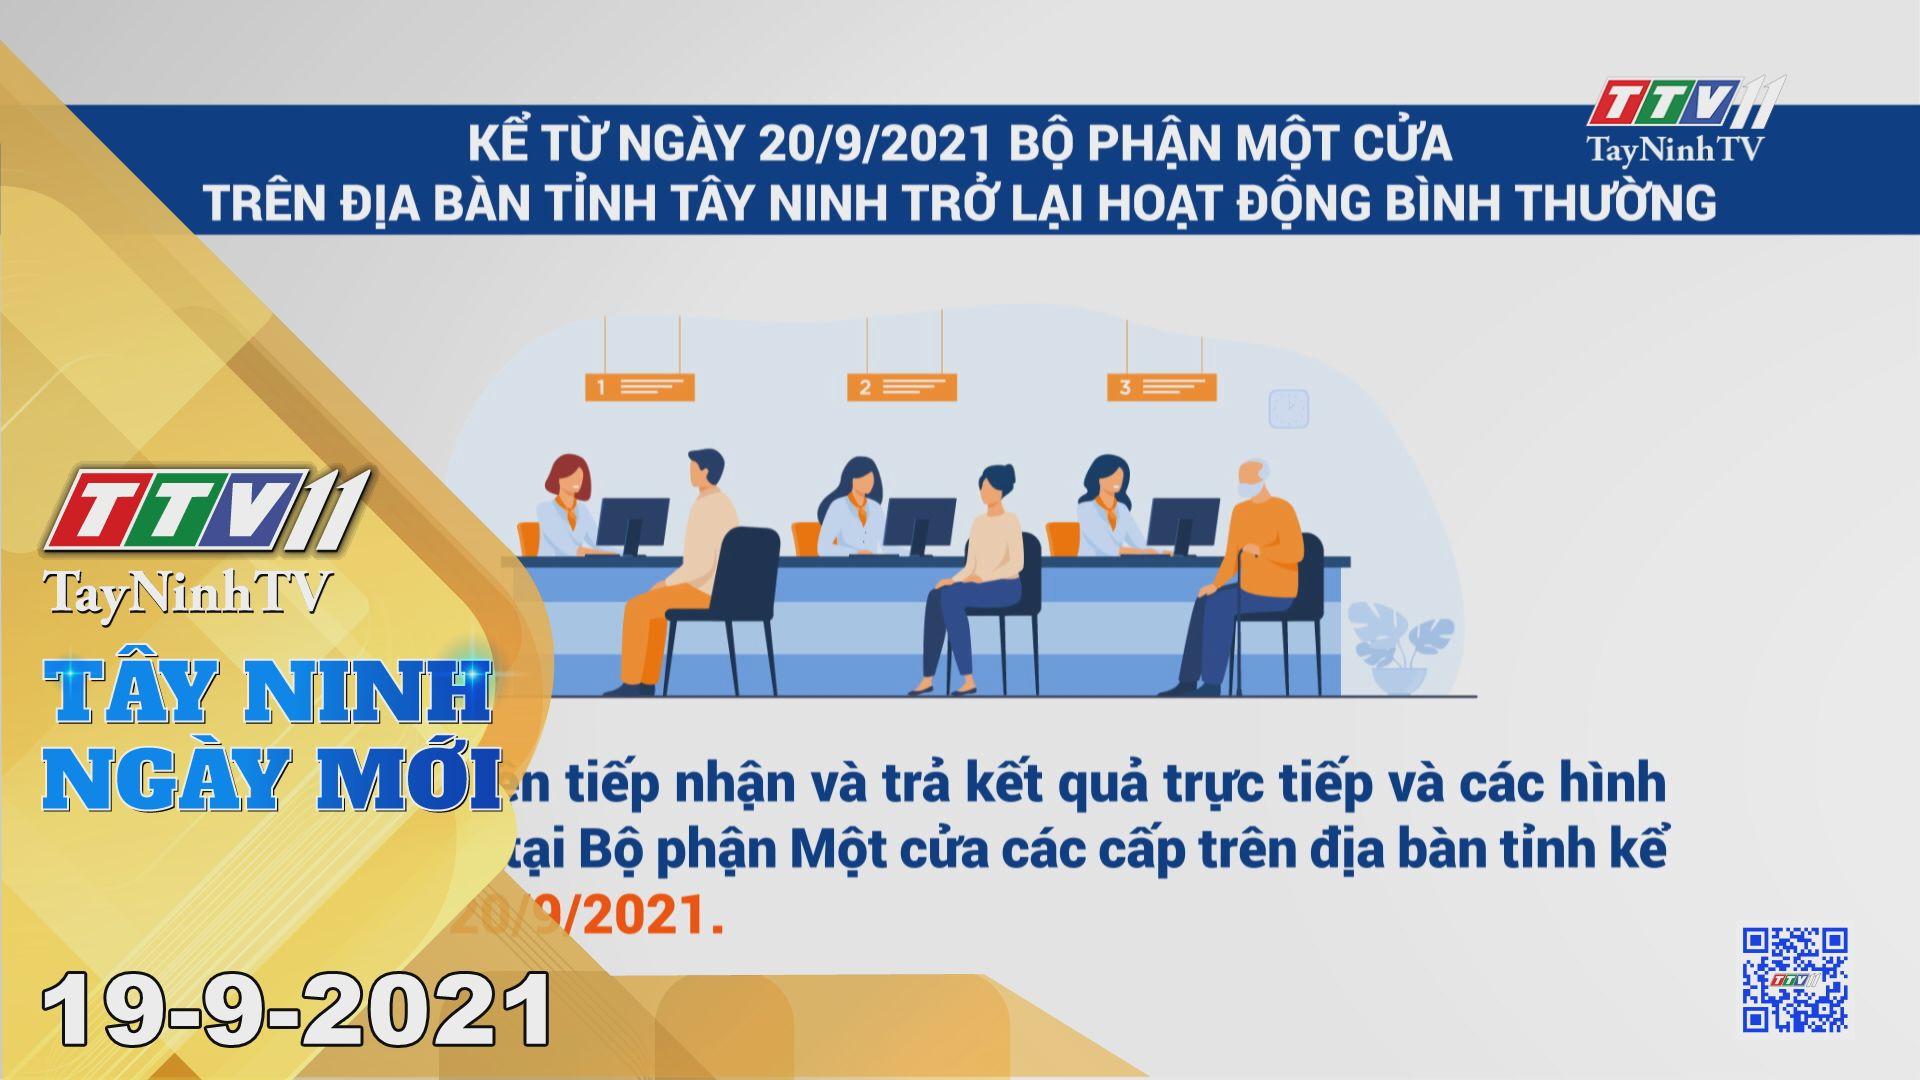 Tây Ninh Ngày Mới 19/9/2021 | Tin tức hôm nay | TayNinhTV